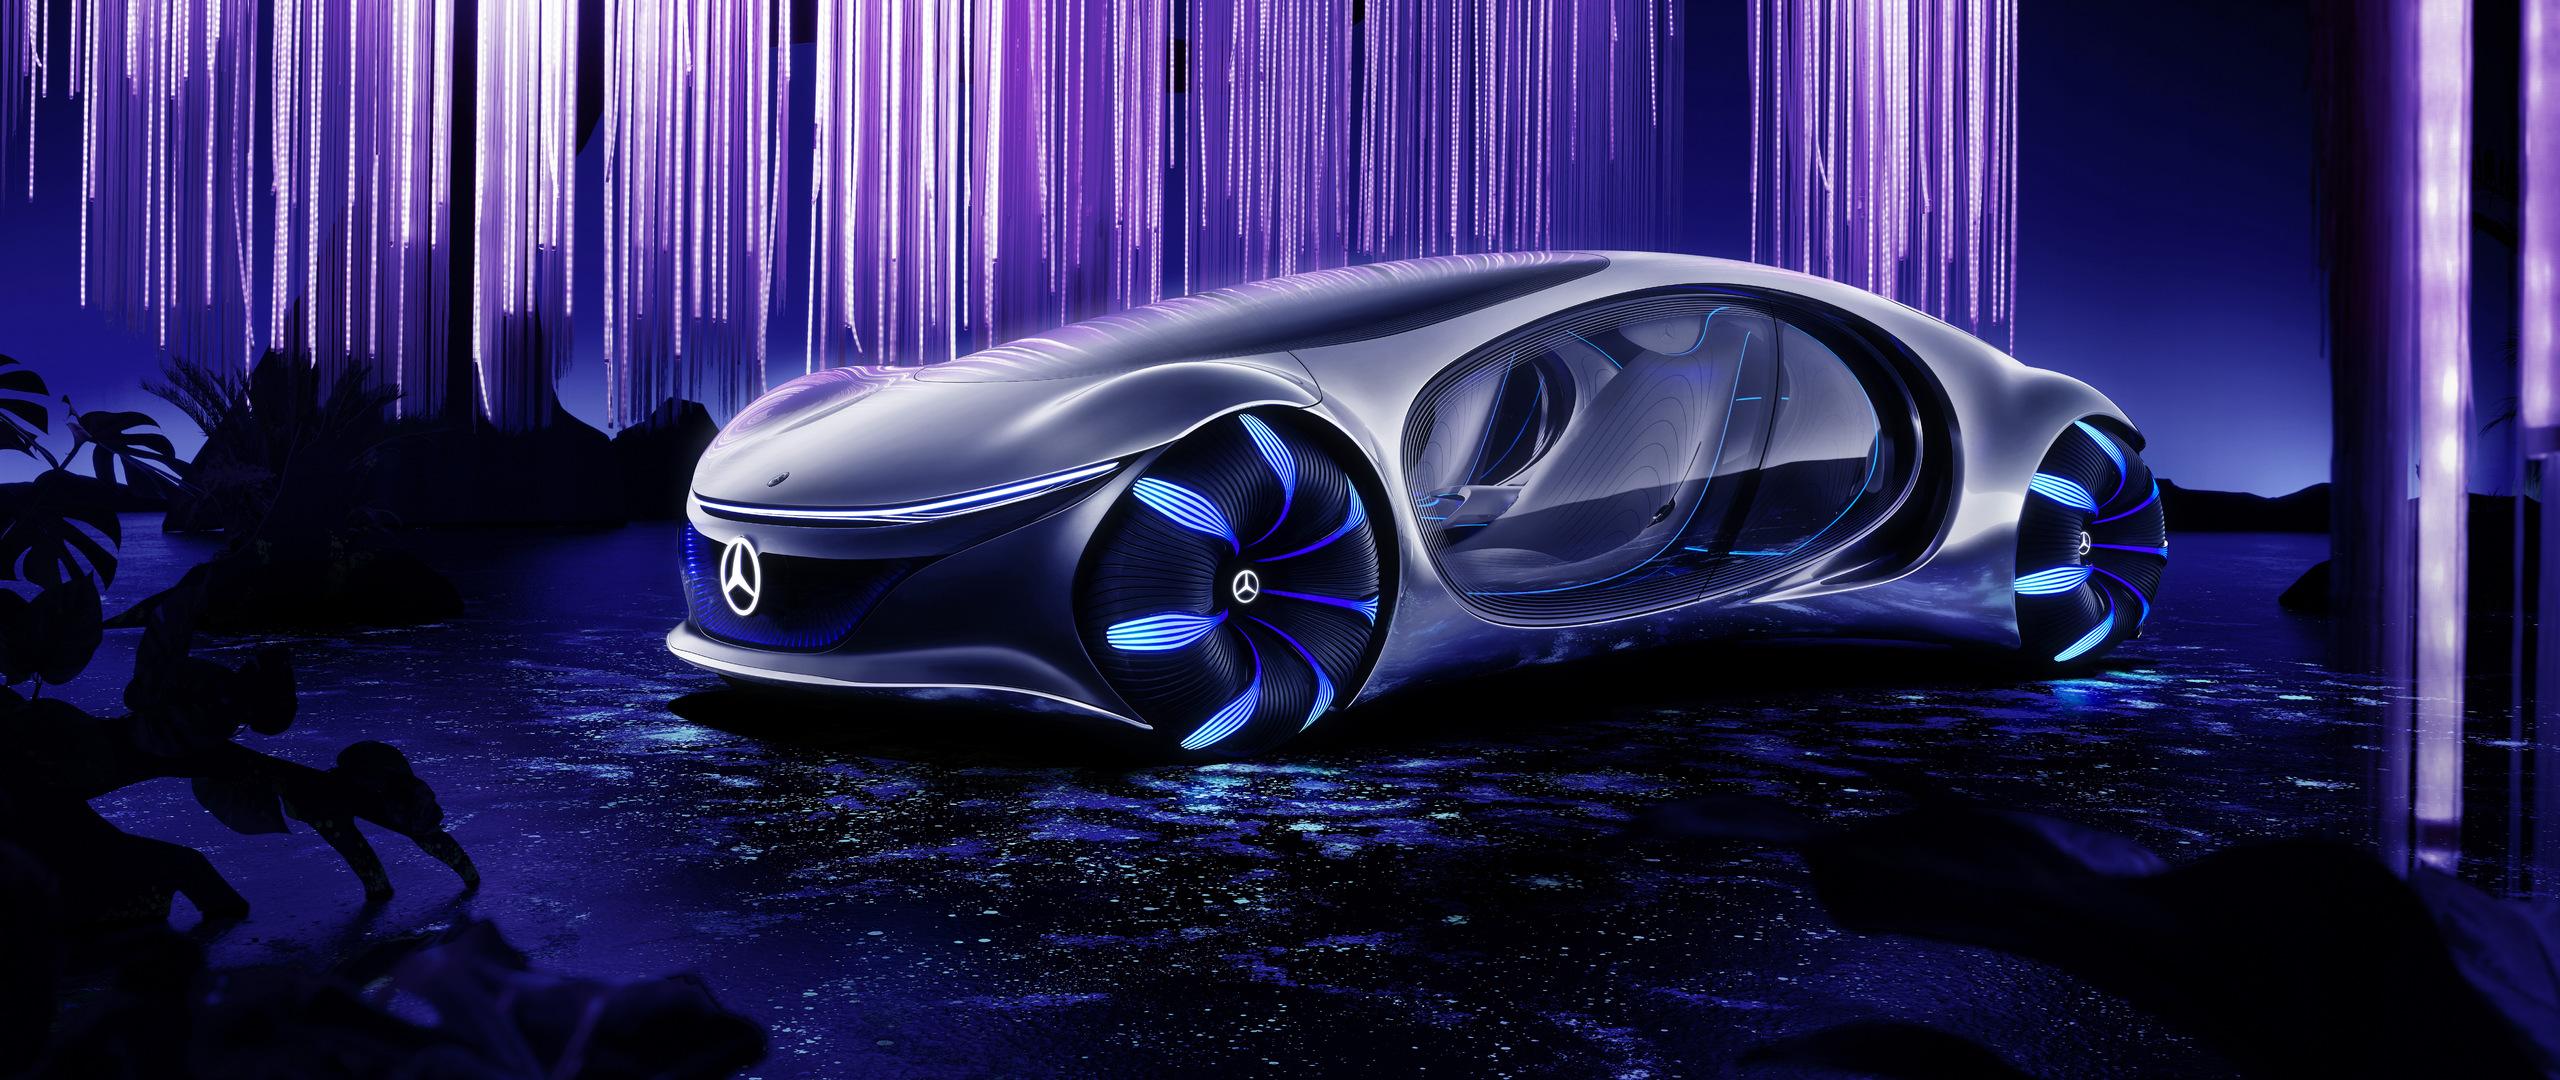 2020-mercedes-benz-vision-avtr-on.jpg